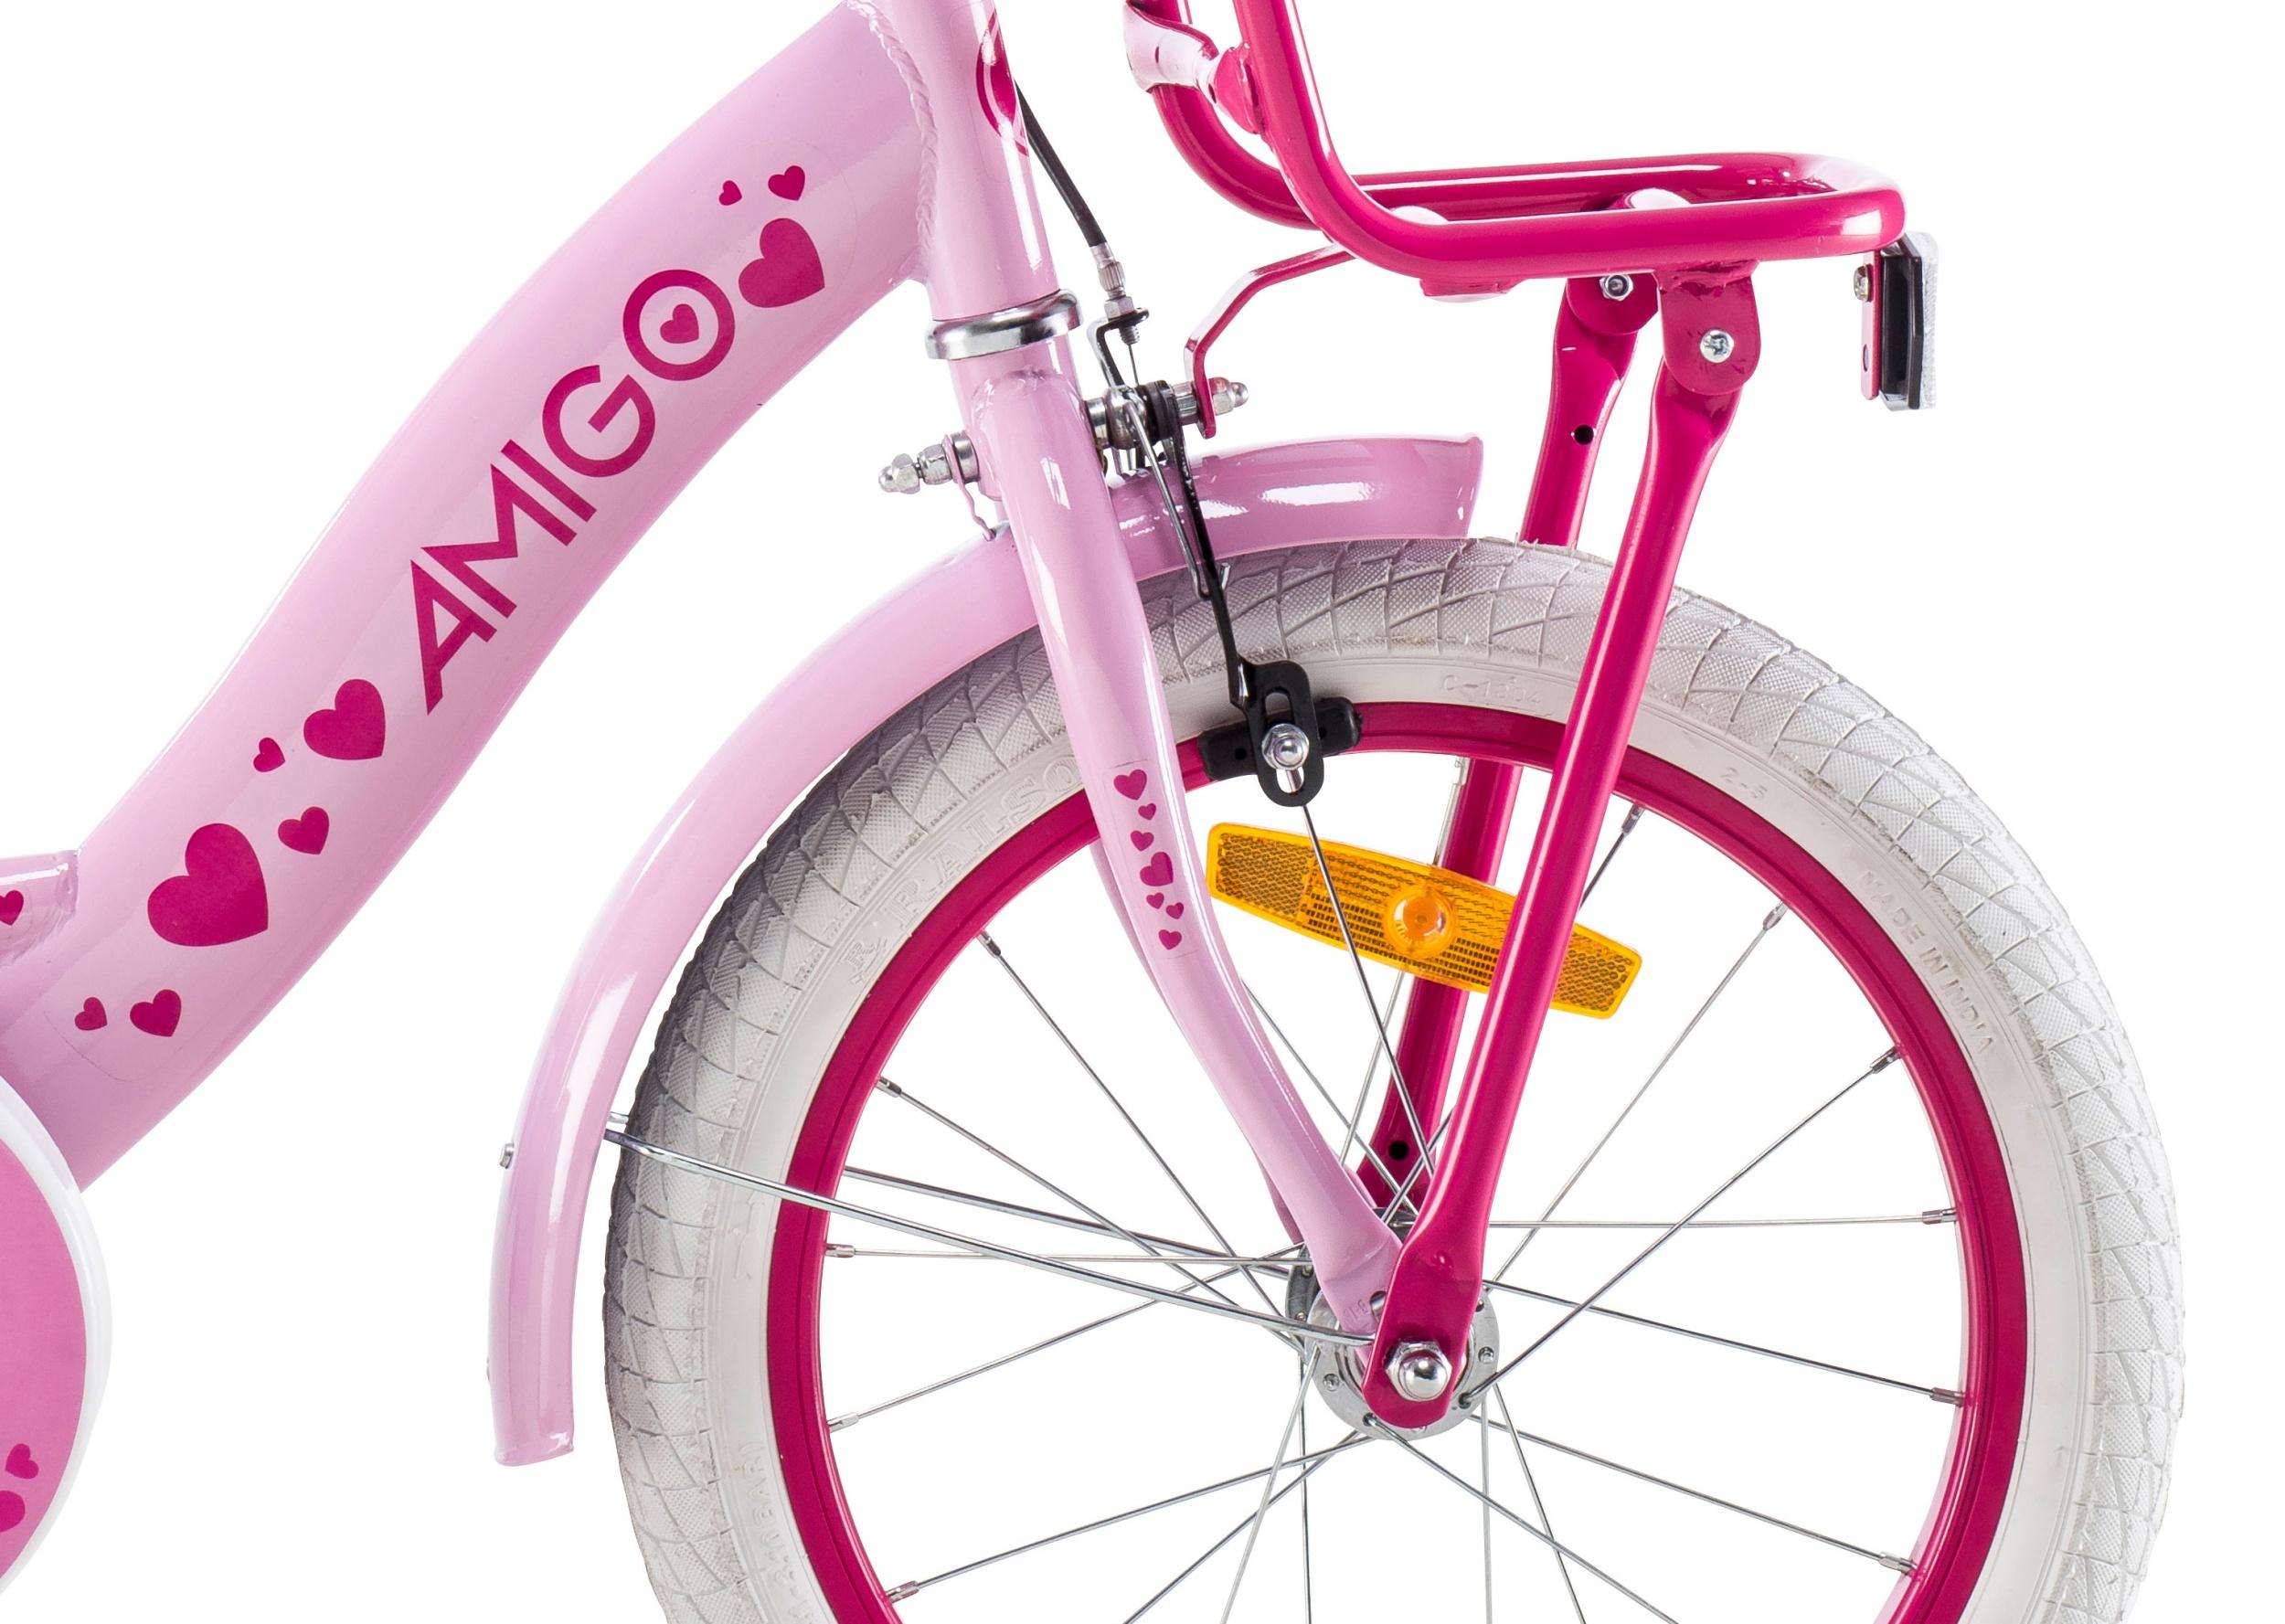 https://www.internet-bikes.com/producten/large/amigo_sweetheart_kinderfiets_16_inch_24_cm_meisjes_terugtraprem_roze_4_244899.jpg